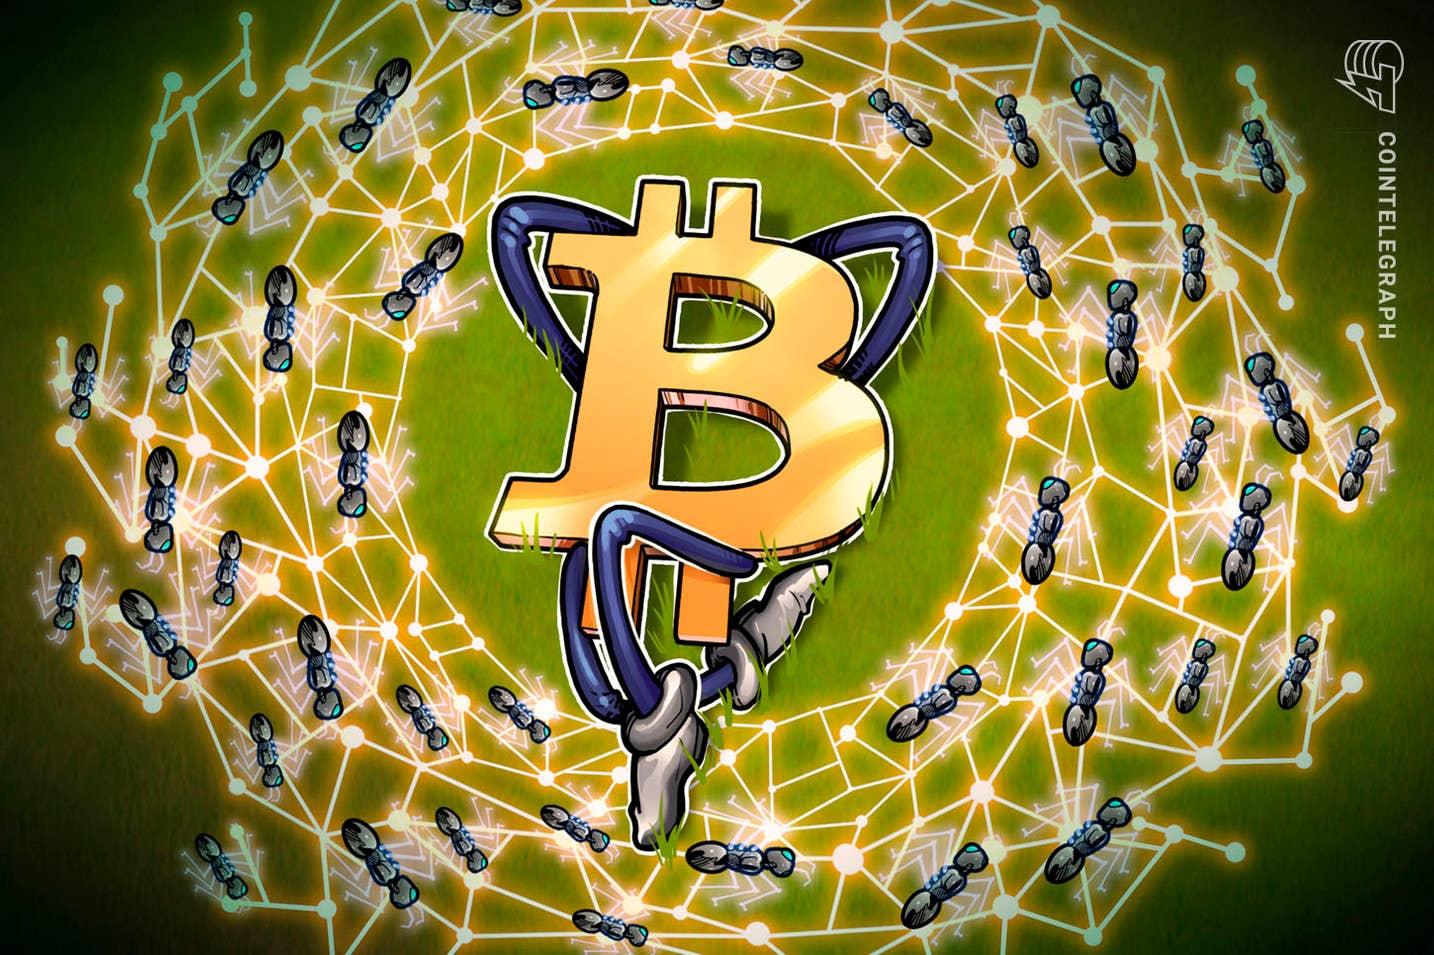 Ainda não morto: a rede Bitcoin registra 700,000º bloco à medida que a adoção cresce